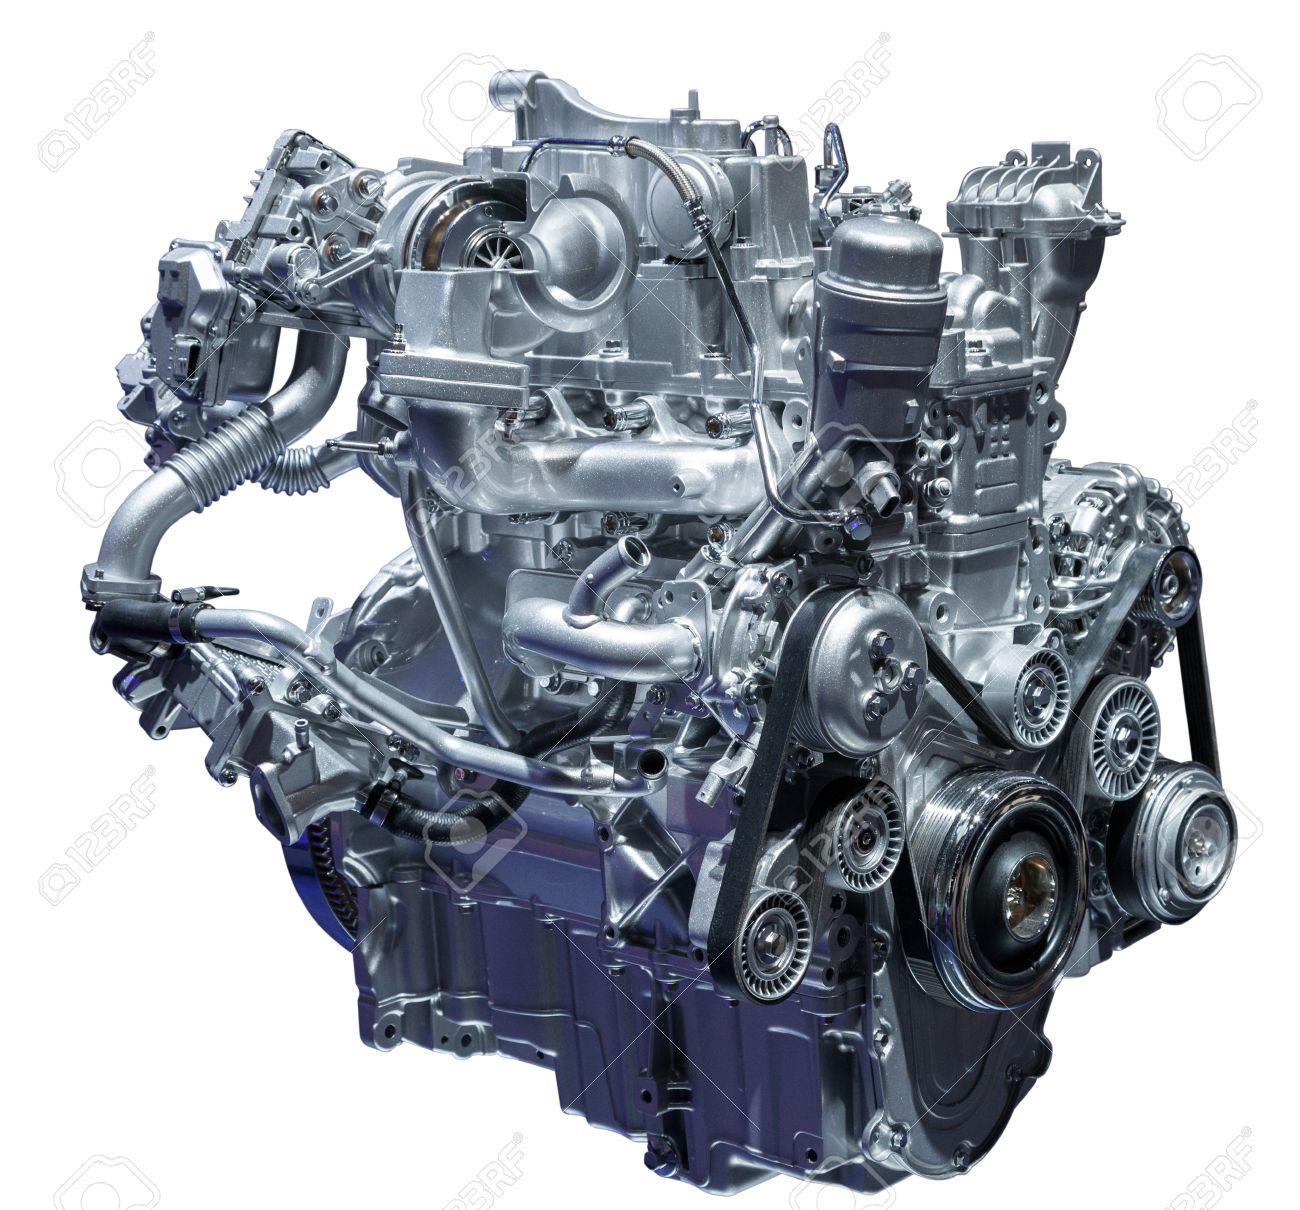 Moderne Kompakte Turbodiesel-Auto-Motor Isoliert Auf Weiß ...